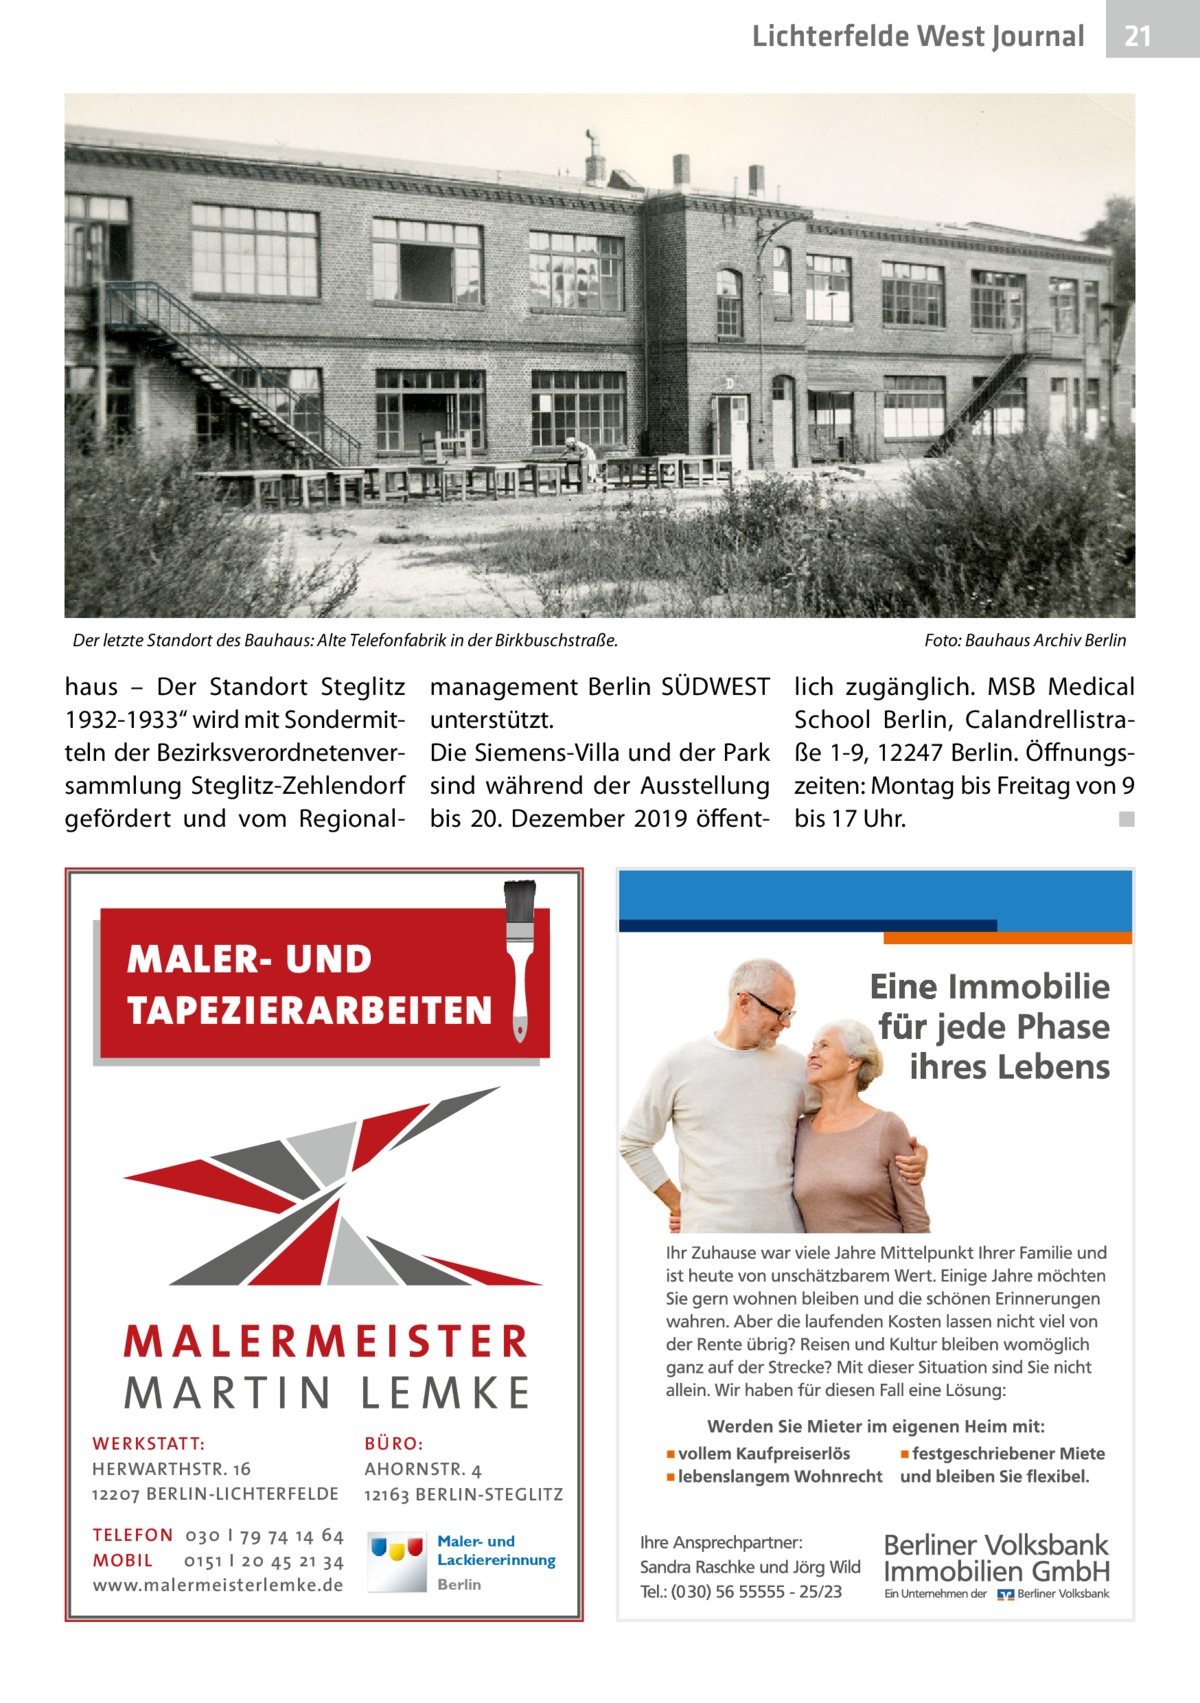 """Lichterfelde West Journal  Der letzte Standort des Bauhaus: Alte Telefonfabrik in der Birkbuschstraße. �  haus – Der Standort Steglitz 1932-1933"""" wird mit Sondermitteln der Bezirksverordnetenversammlung Steglitz-Zehlendorf gefördert und vom Regional management Berlin SÜDWEST unterstützt. Die Siemens-Villa und der Park sind während der Ausstellung bis 20. Dezember 2019 öffent MALER- UND TAPEZIERARBEITEN  WE R KSTATT: HERWARTHSTR. 16 12207 BERLIN-LICHTERFELDE TELE FON 0 3 0 I 7 9 74 14 64 MO B I L 0 1 5 1 I 2 0 45 2 1 3 4 www.malermeisterlemke.de  BÜ RO: AHORNSTR. 4 12163 BERLIN-STEGLITZ Maler- und Lackiererinnung Berlin  21 21  Foto: Bauhaus Archiv Berlin  lich zugänglich. MSB Medical School Berlin, Calandrellistraße1-9, 12247Berlin. Öffnungszeiten: Montag bis Freitag von 9 bis 17Uhr.� ◾"""